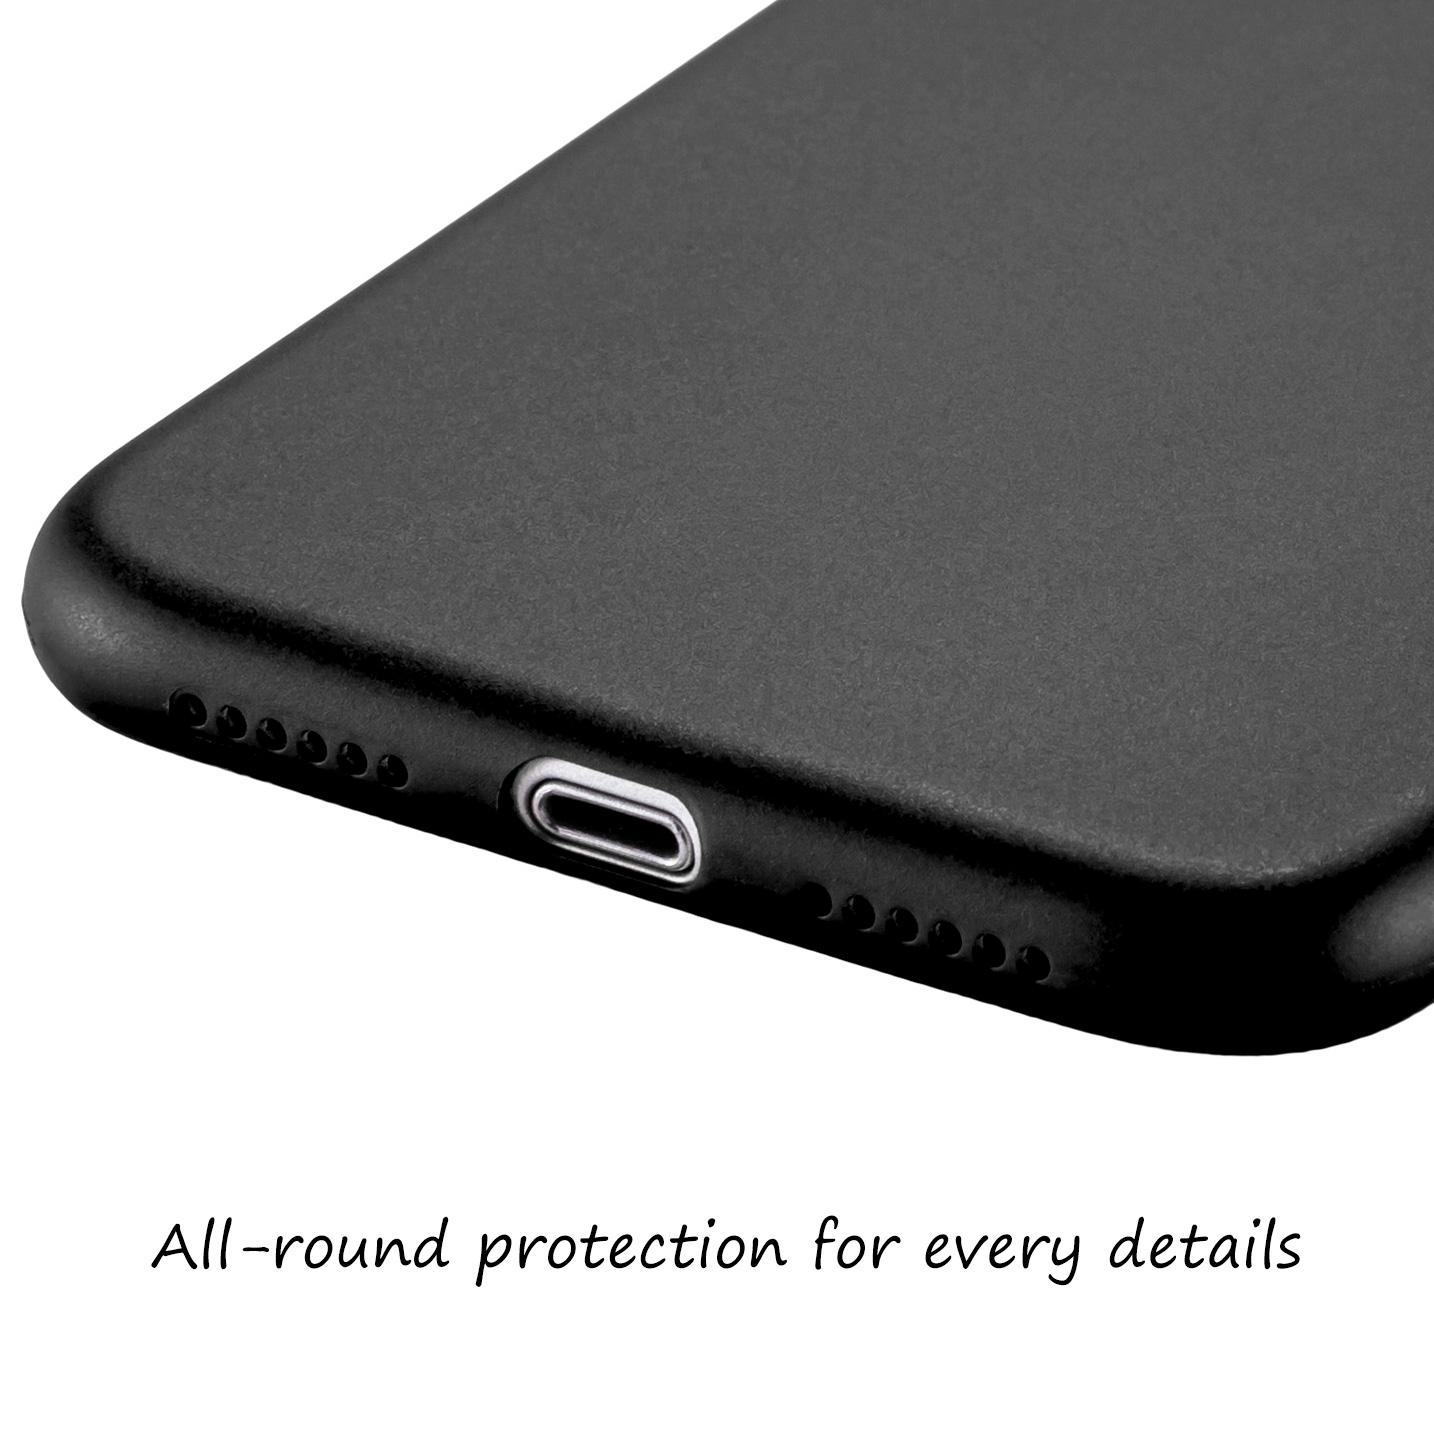 Ultra-Slim-Case-iPhone-11-6-1-034-Matt-Clear-Schutz-Huelle-Skin-Cover-Tasche-Folie Indexbild 8